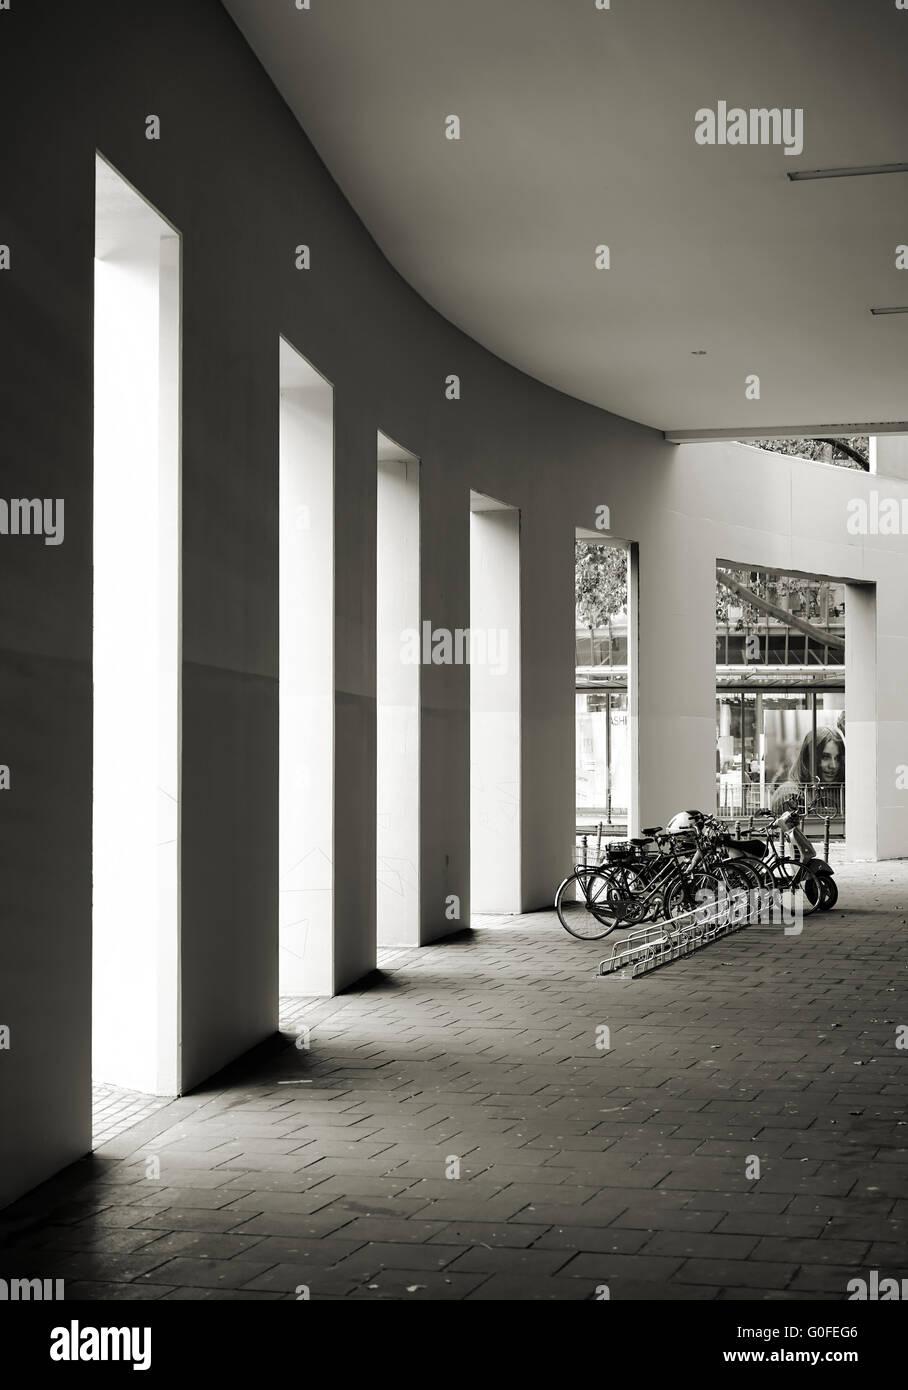 Fahrradständer in der Einkaufsstraße in Köln Stockbild